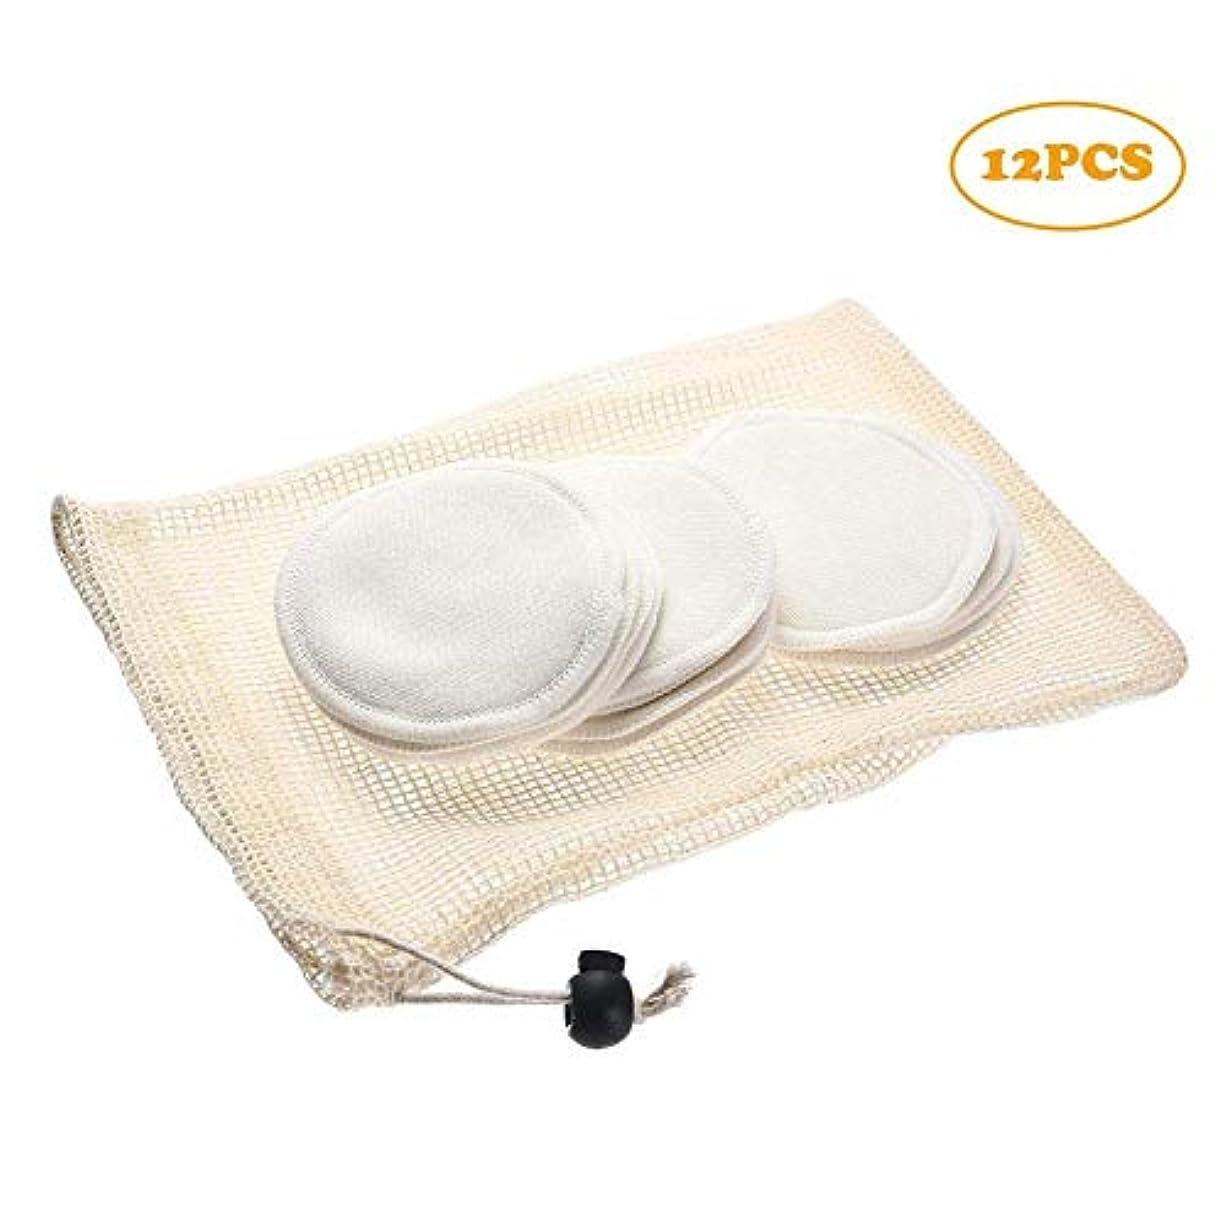 桃印をつける乱闘Graprx クレンジングパッド 化粧落としパッド 洗濯可能 再利用可能 環境やさしいリサイクル化粧用コットン 柔らかい 敏感肌用 繰り返し使用 コスメ 美容 化粧落とし